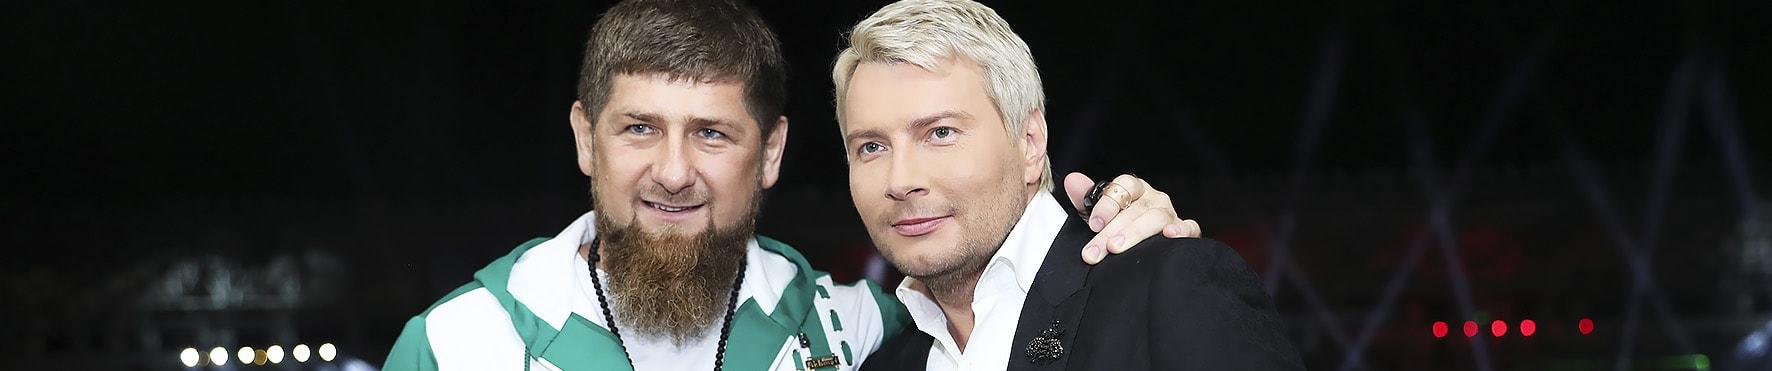 Реклама на телеканале СТС Грозный заказать